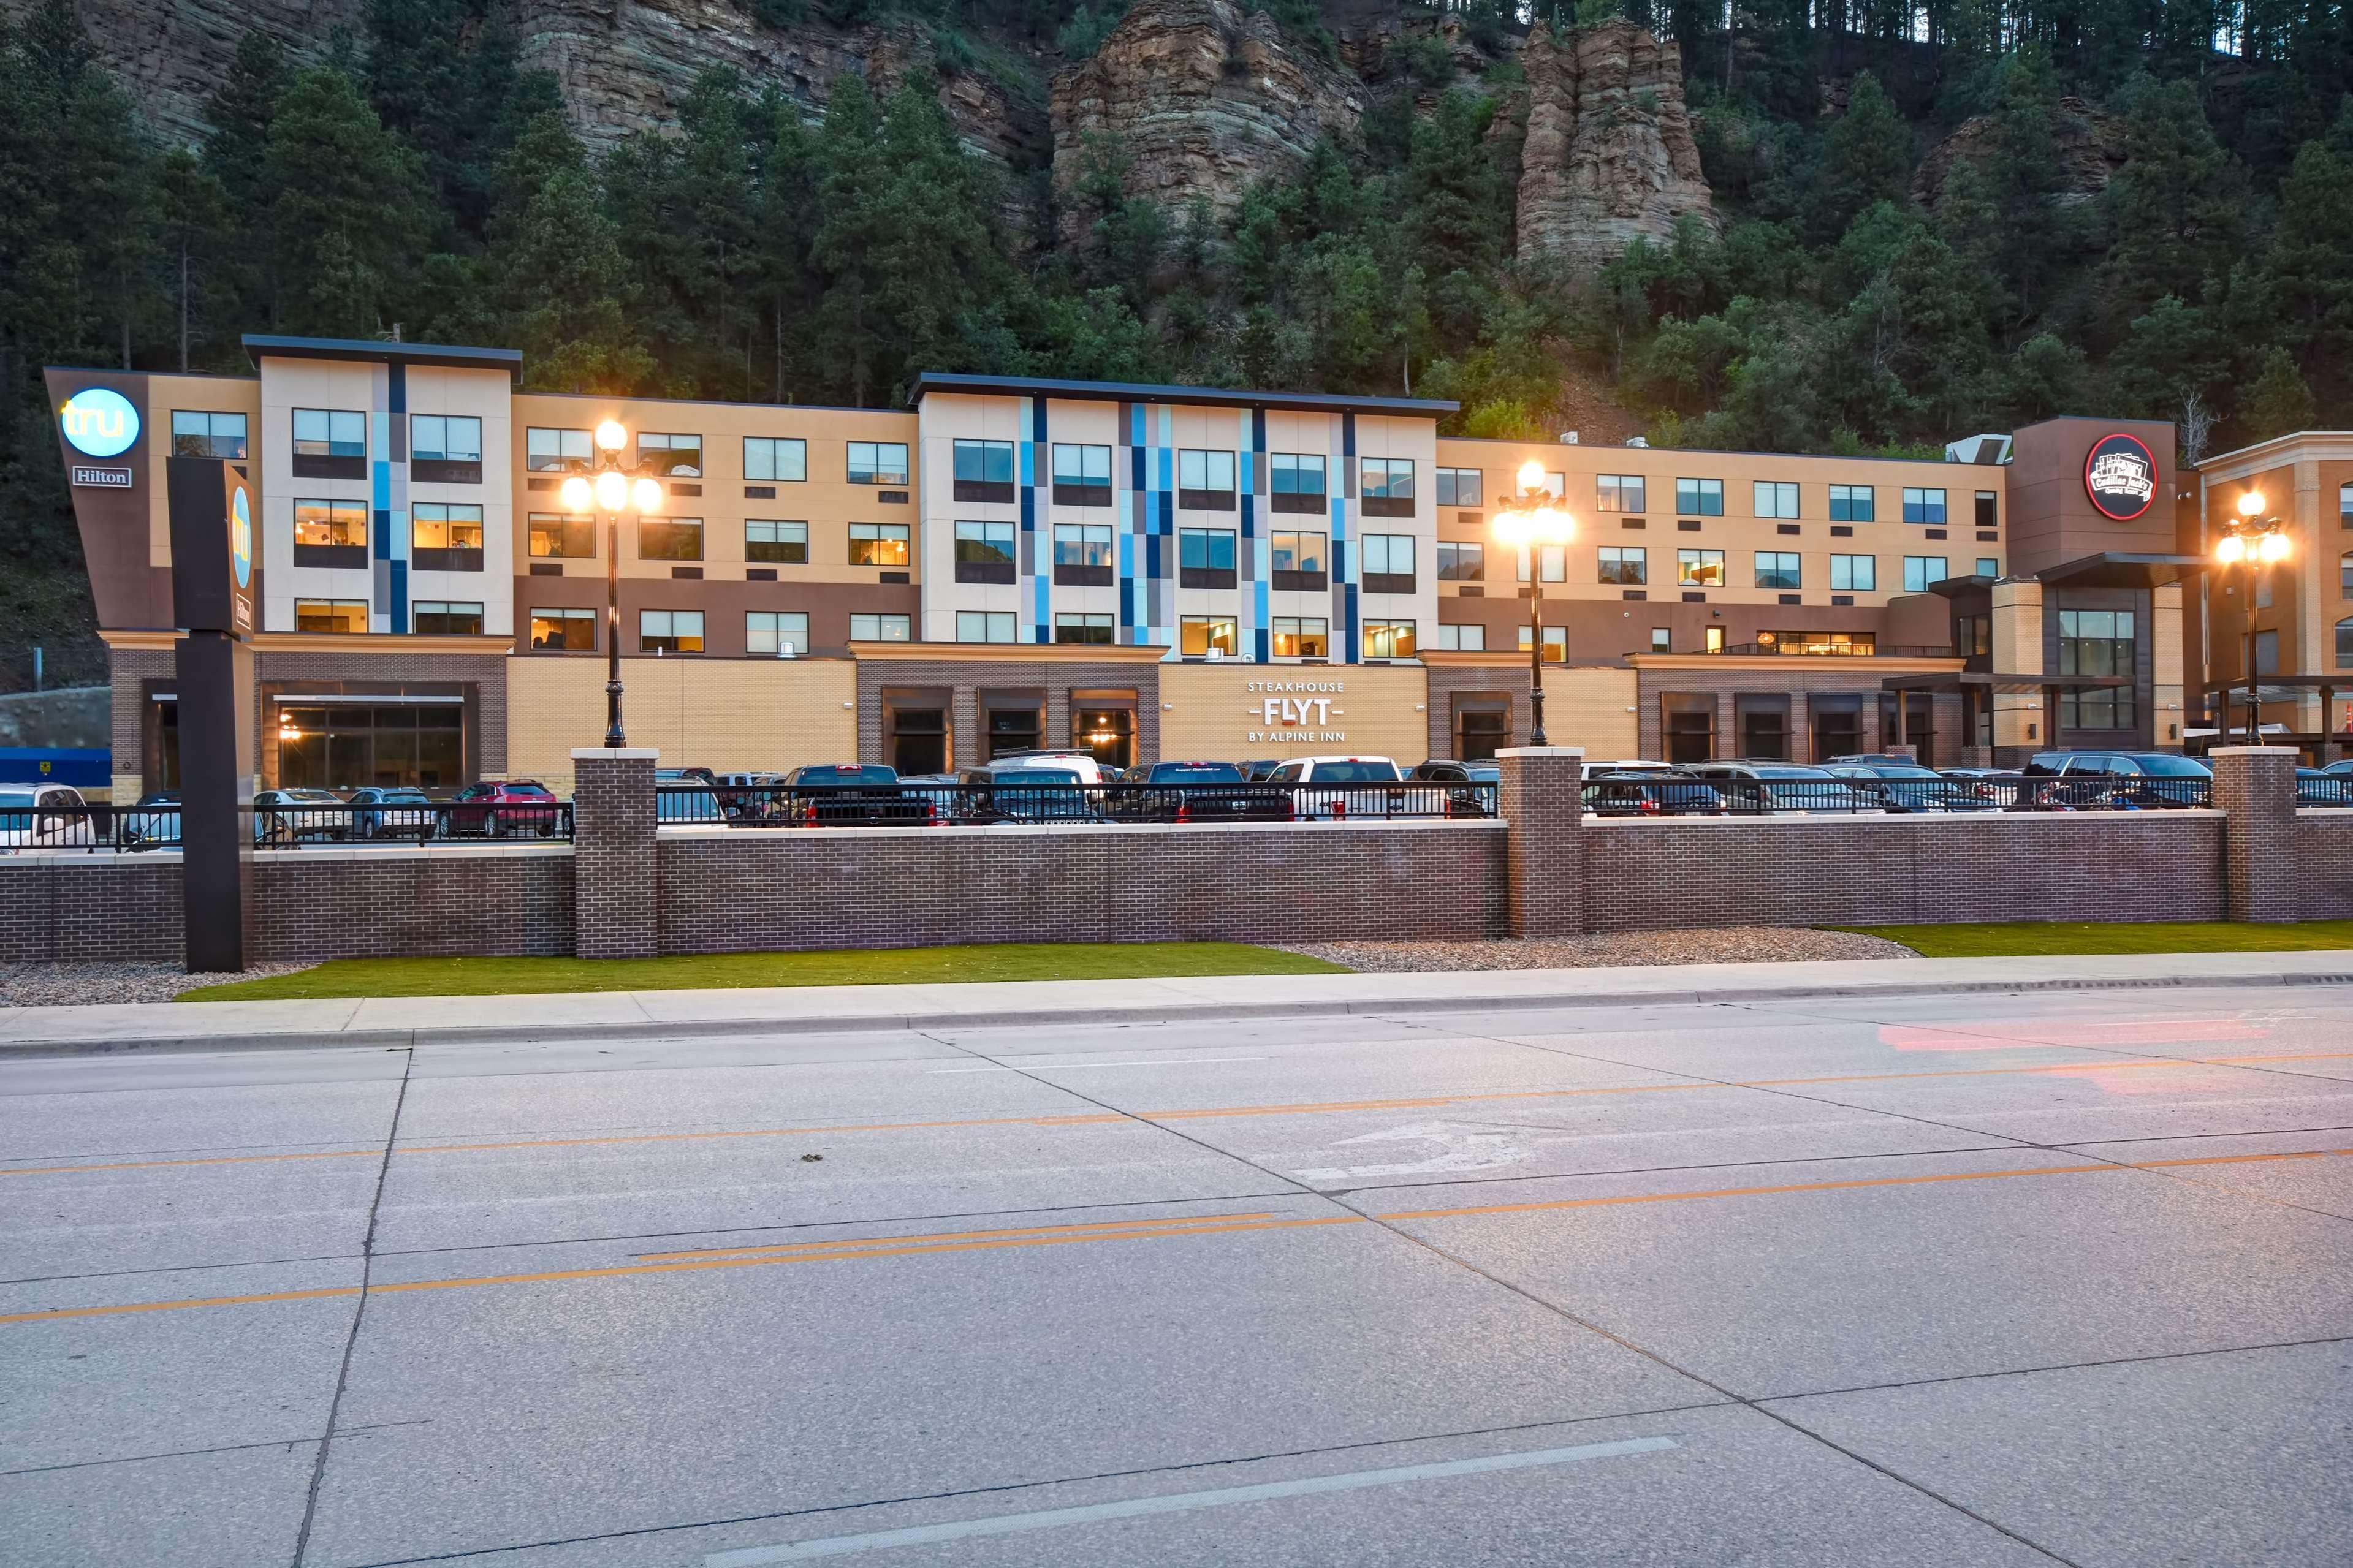 Tru by Hilton Deadwood image 1